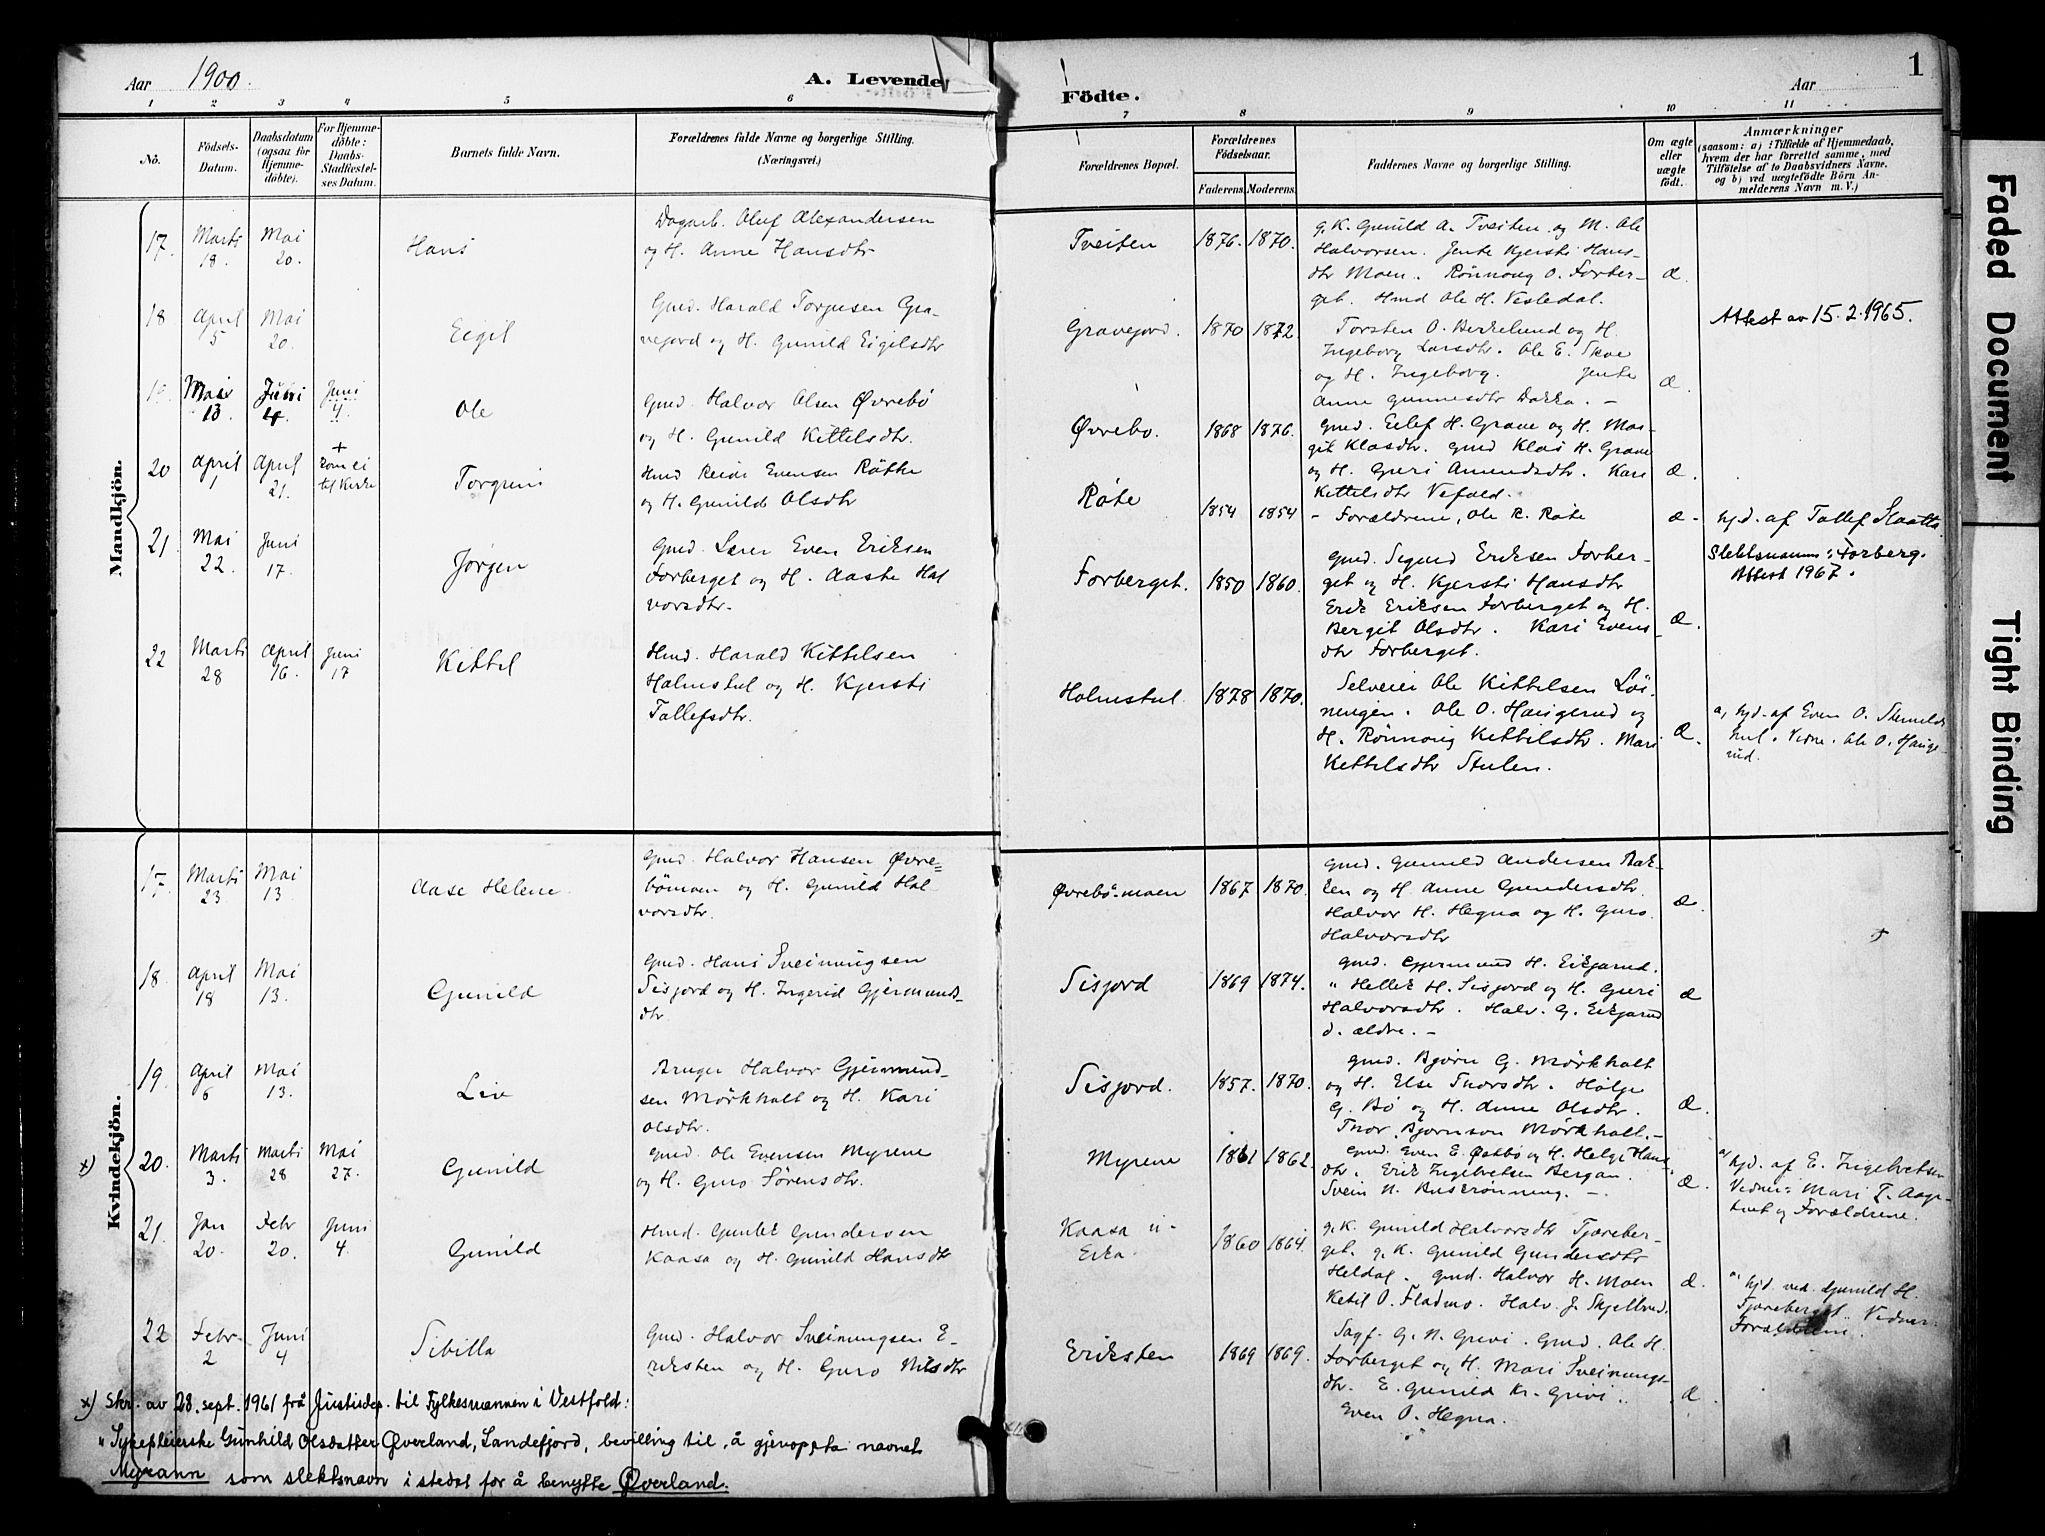 SAKO, Bø kirkebøker, F/Fa/L0012: Ministerialbok nr. 12, 1900-1908, s. 1